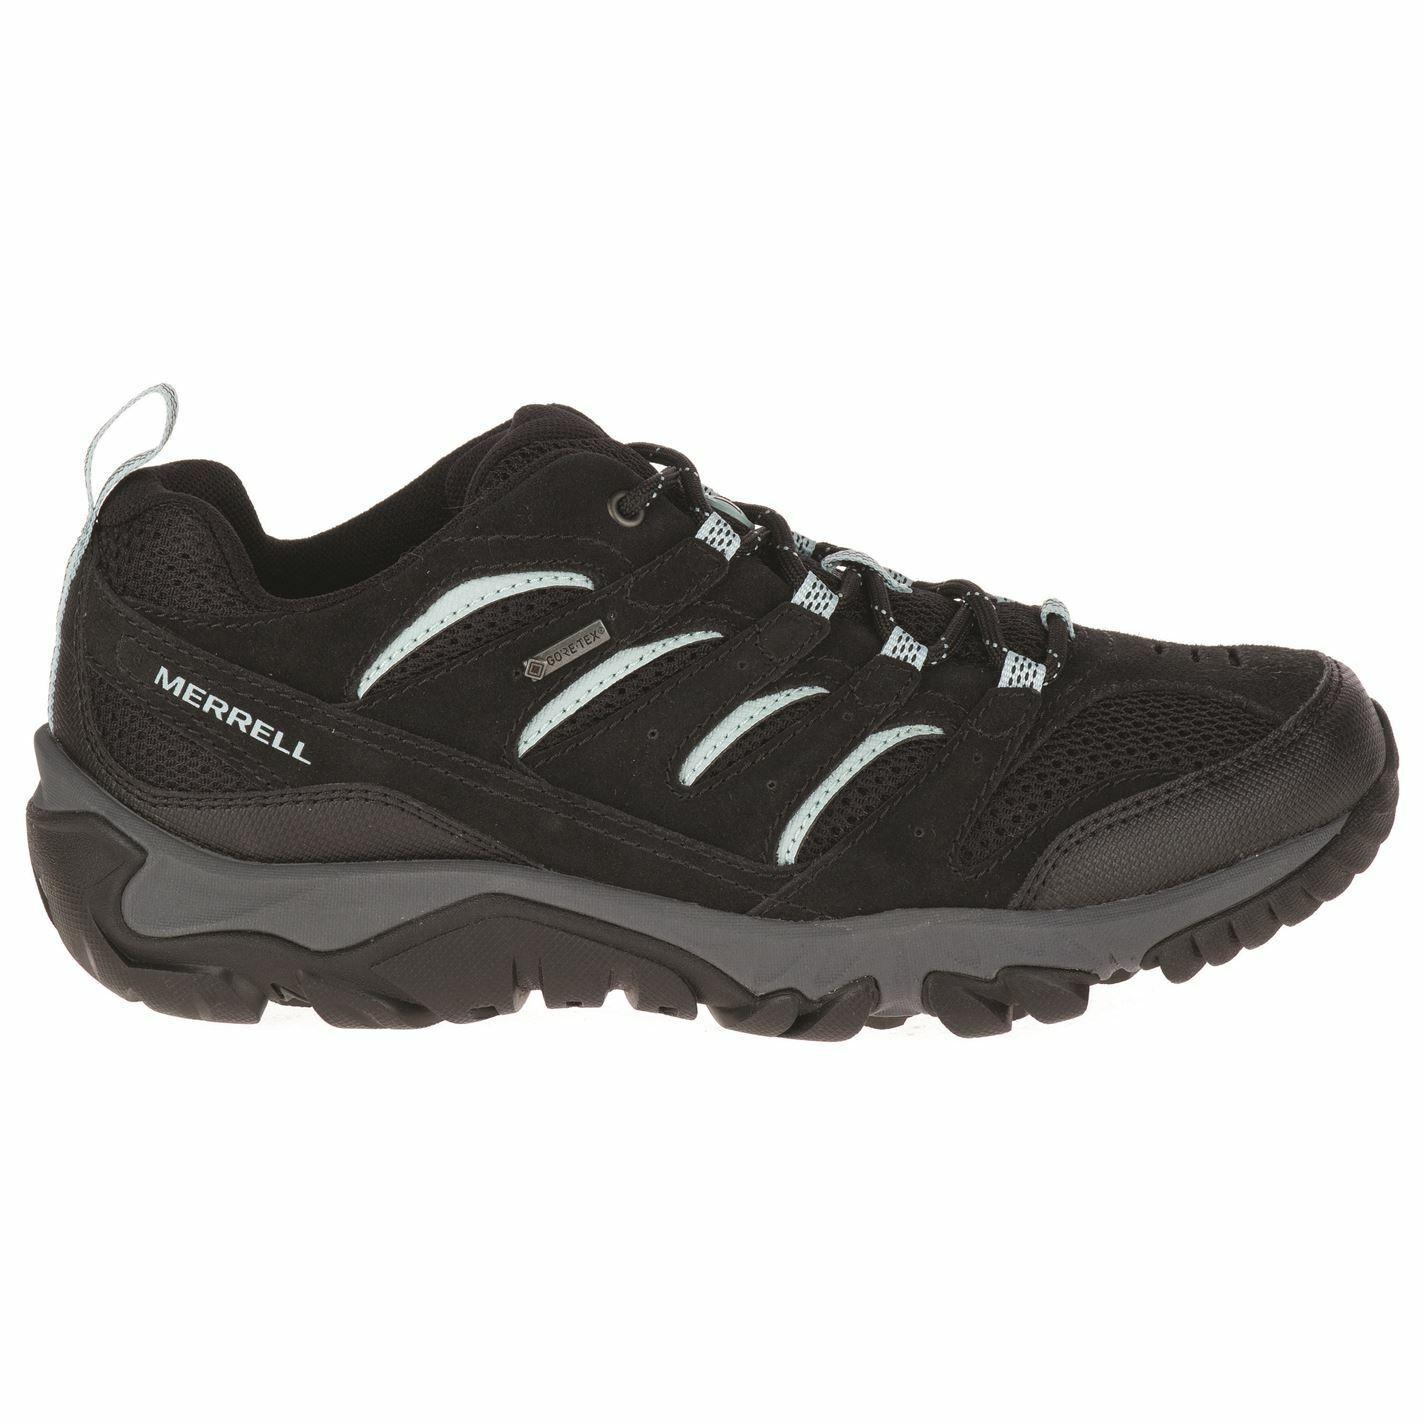 Merrell femmes Pine Vent LdsCL99 imperméable en marchant chaussures